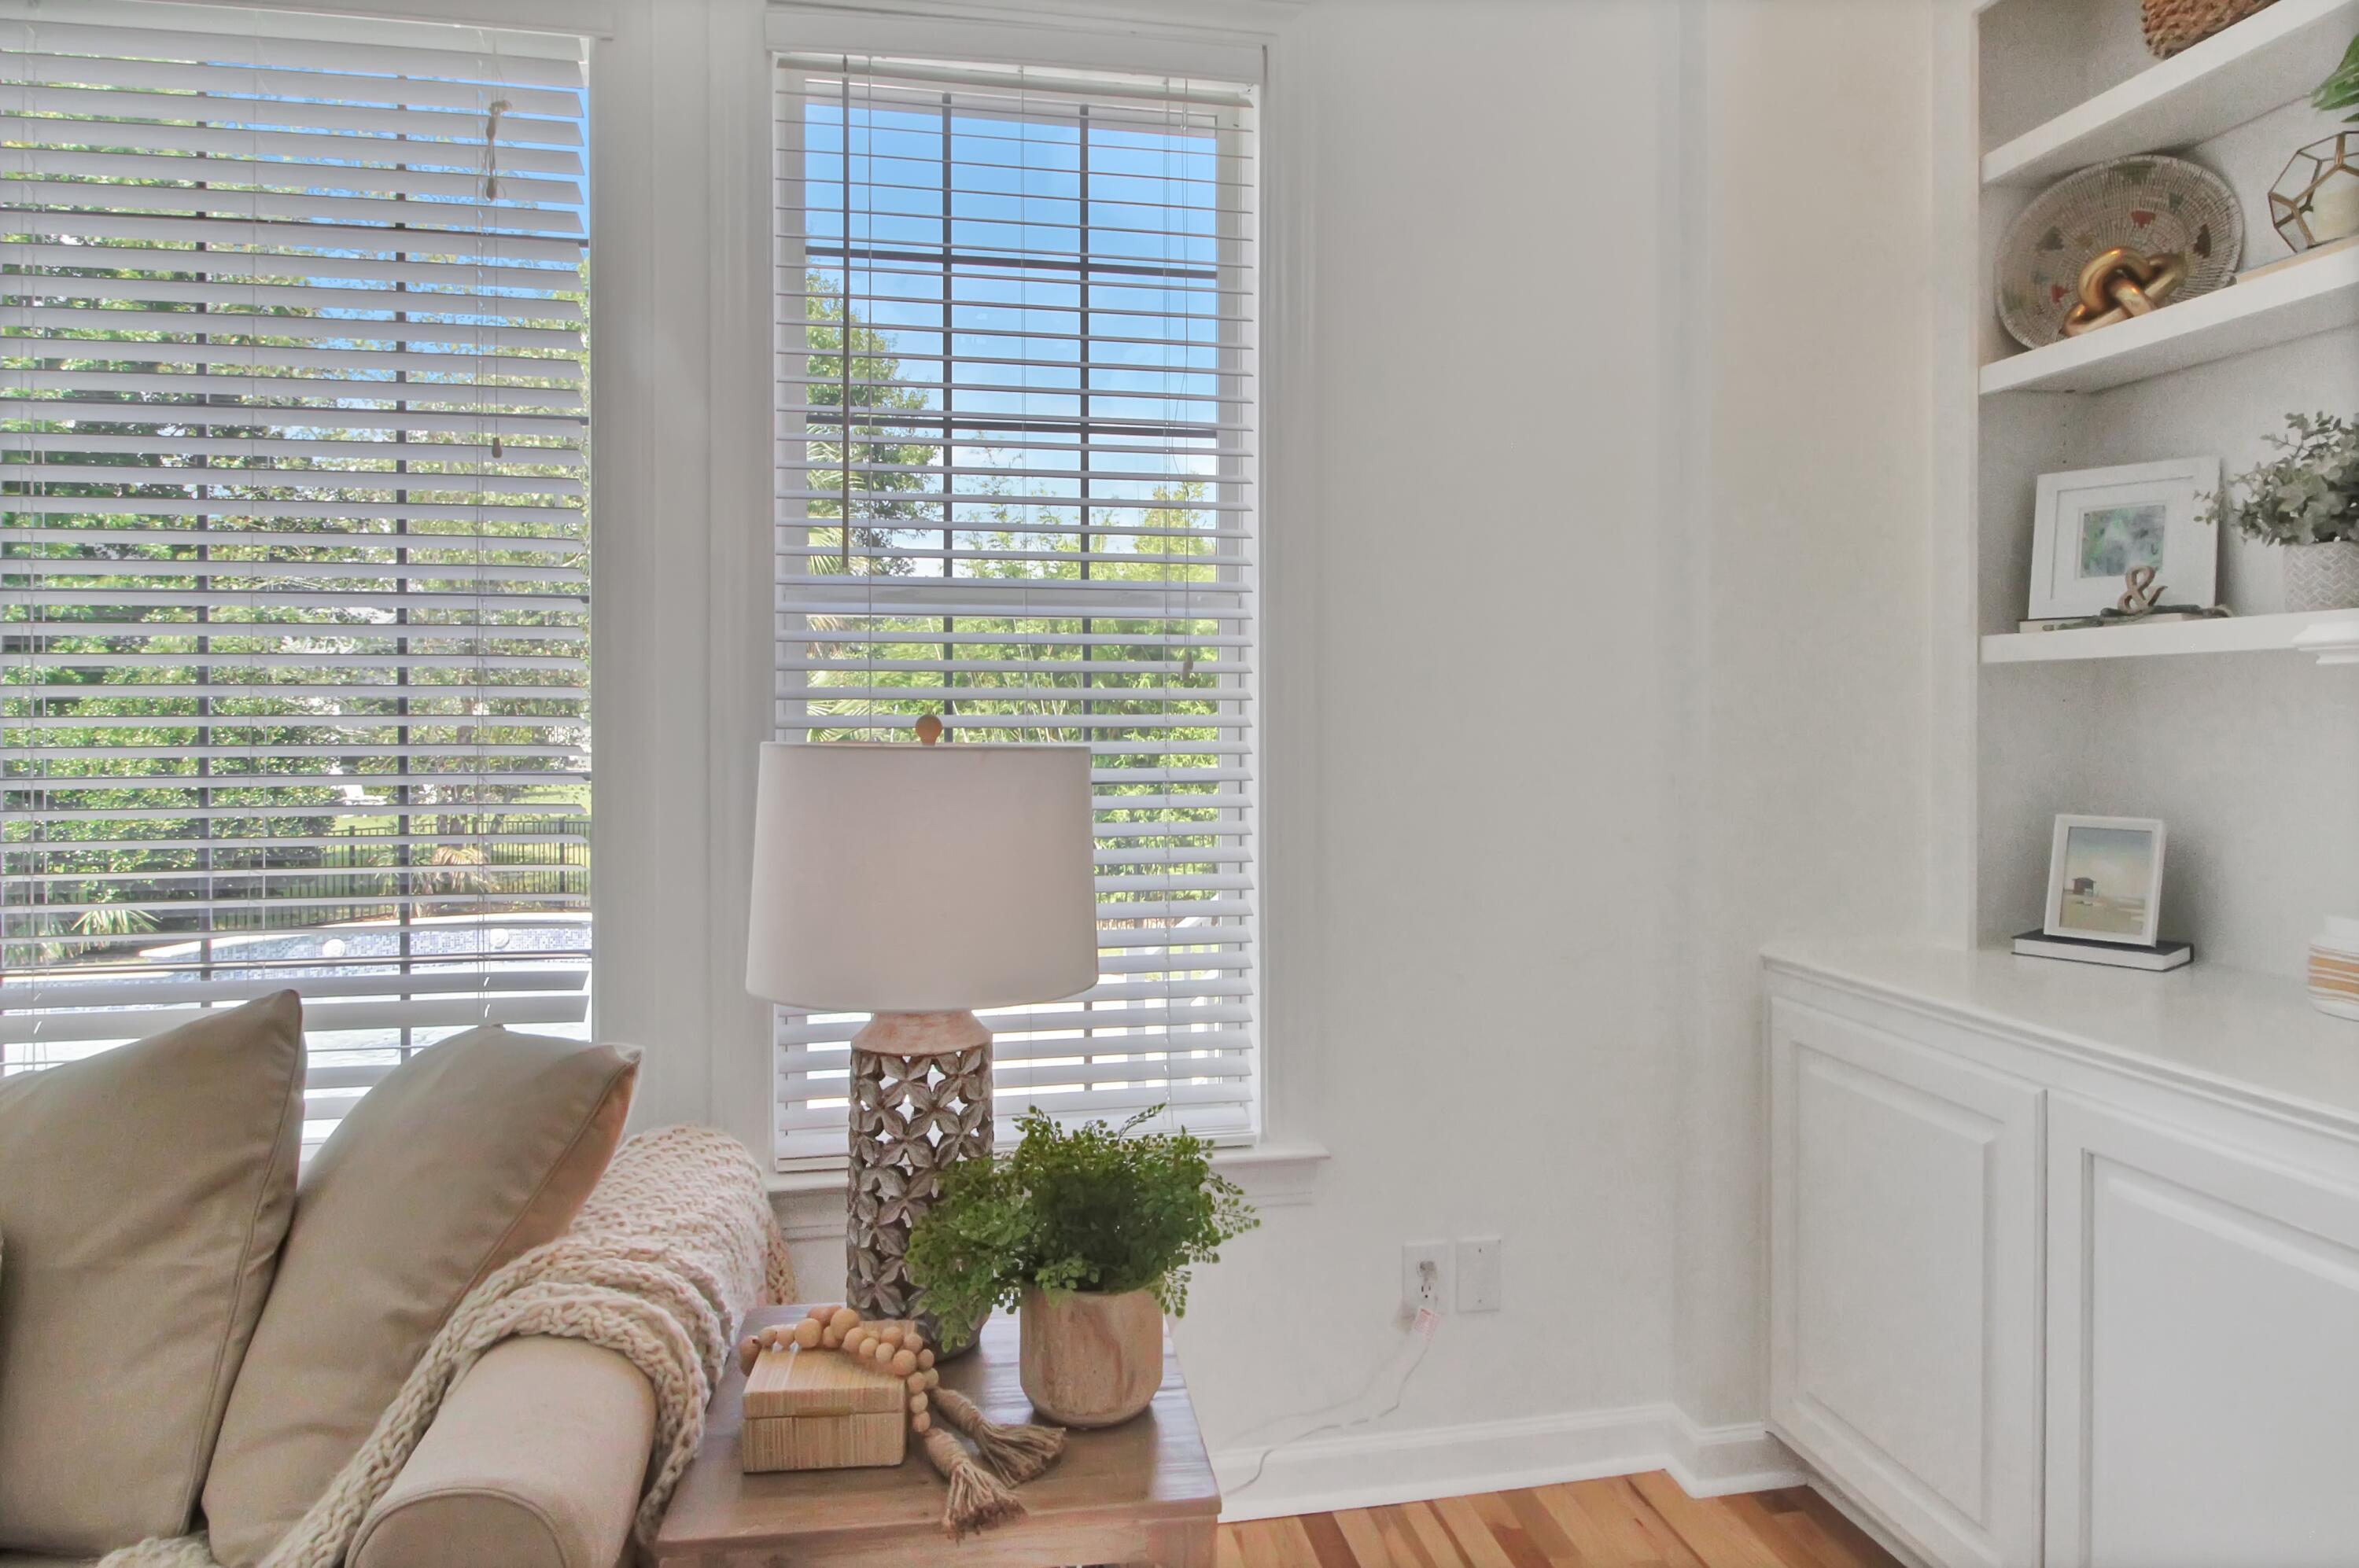 Dunes West Homes For Sale - 3059 Riverwood, Mount Pleasant, SC - 36